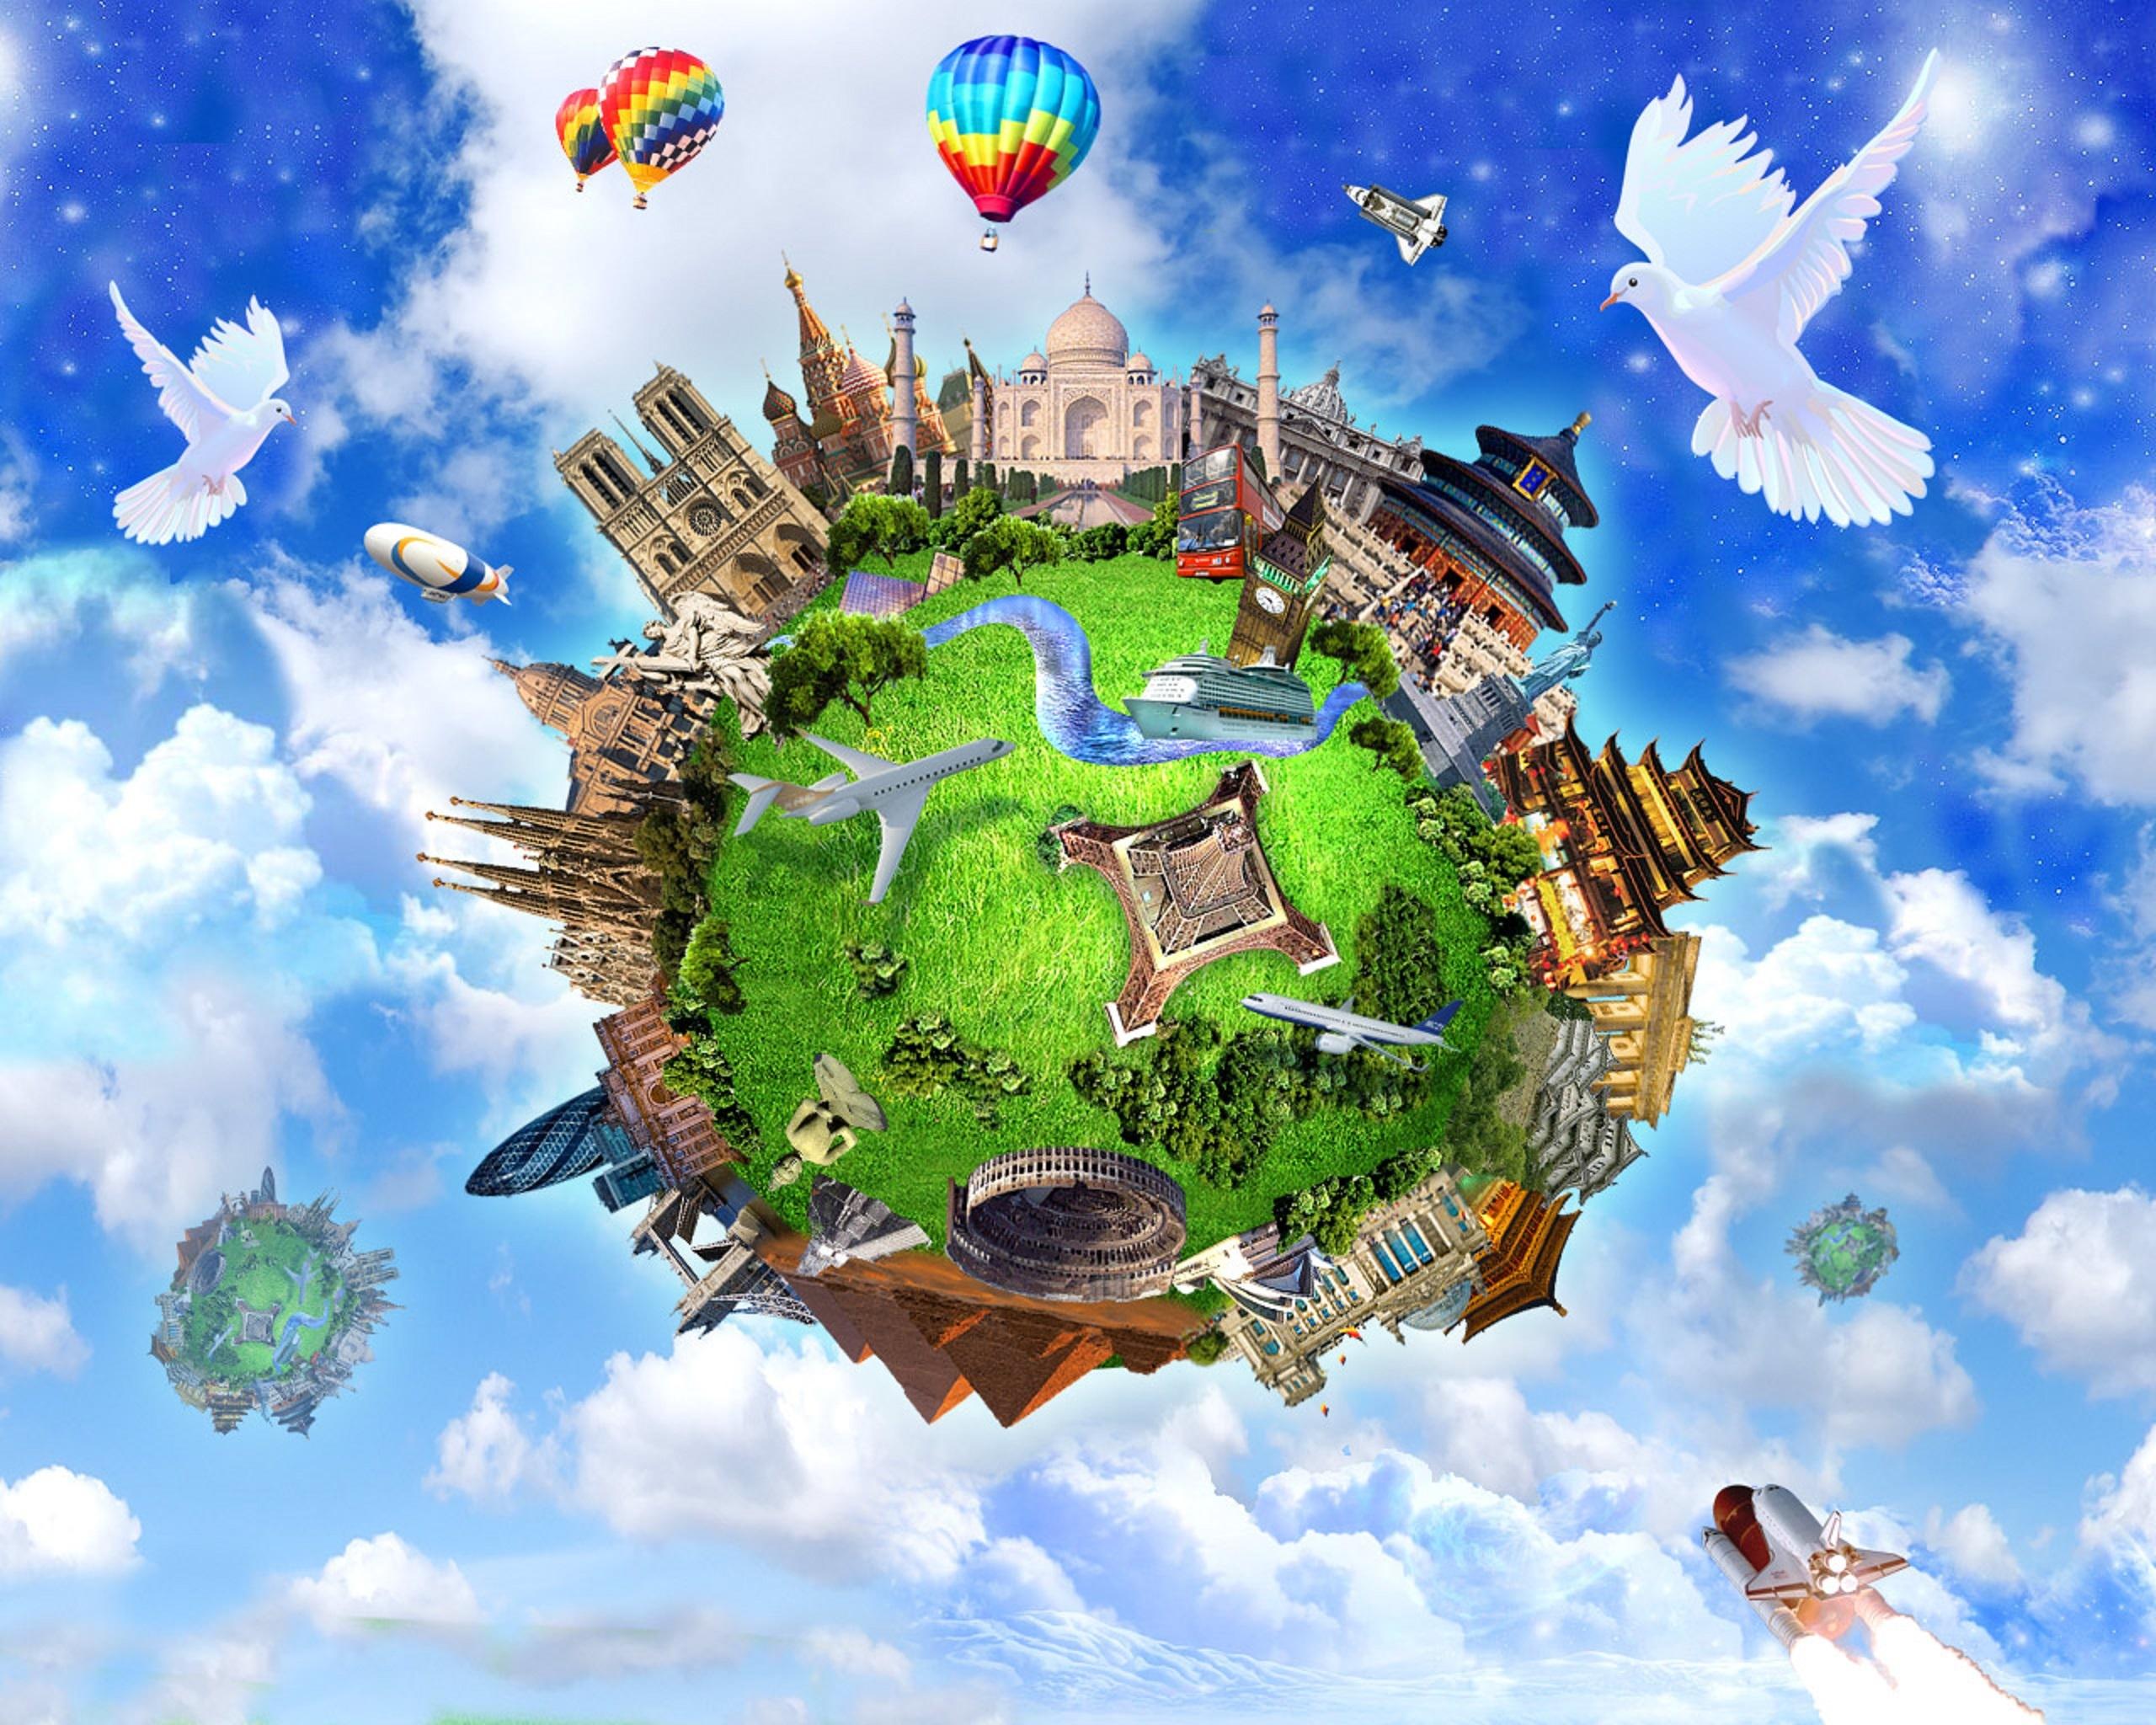 Сценарий о путешествиях по миру